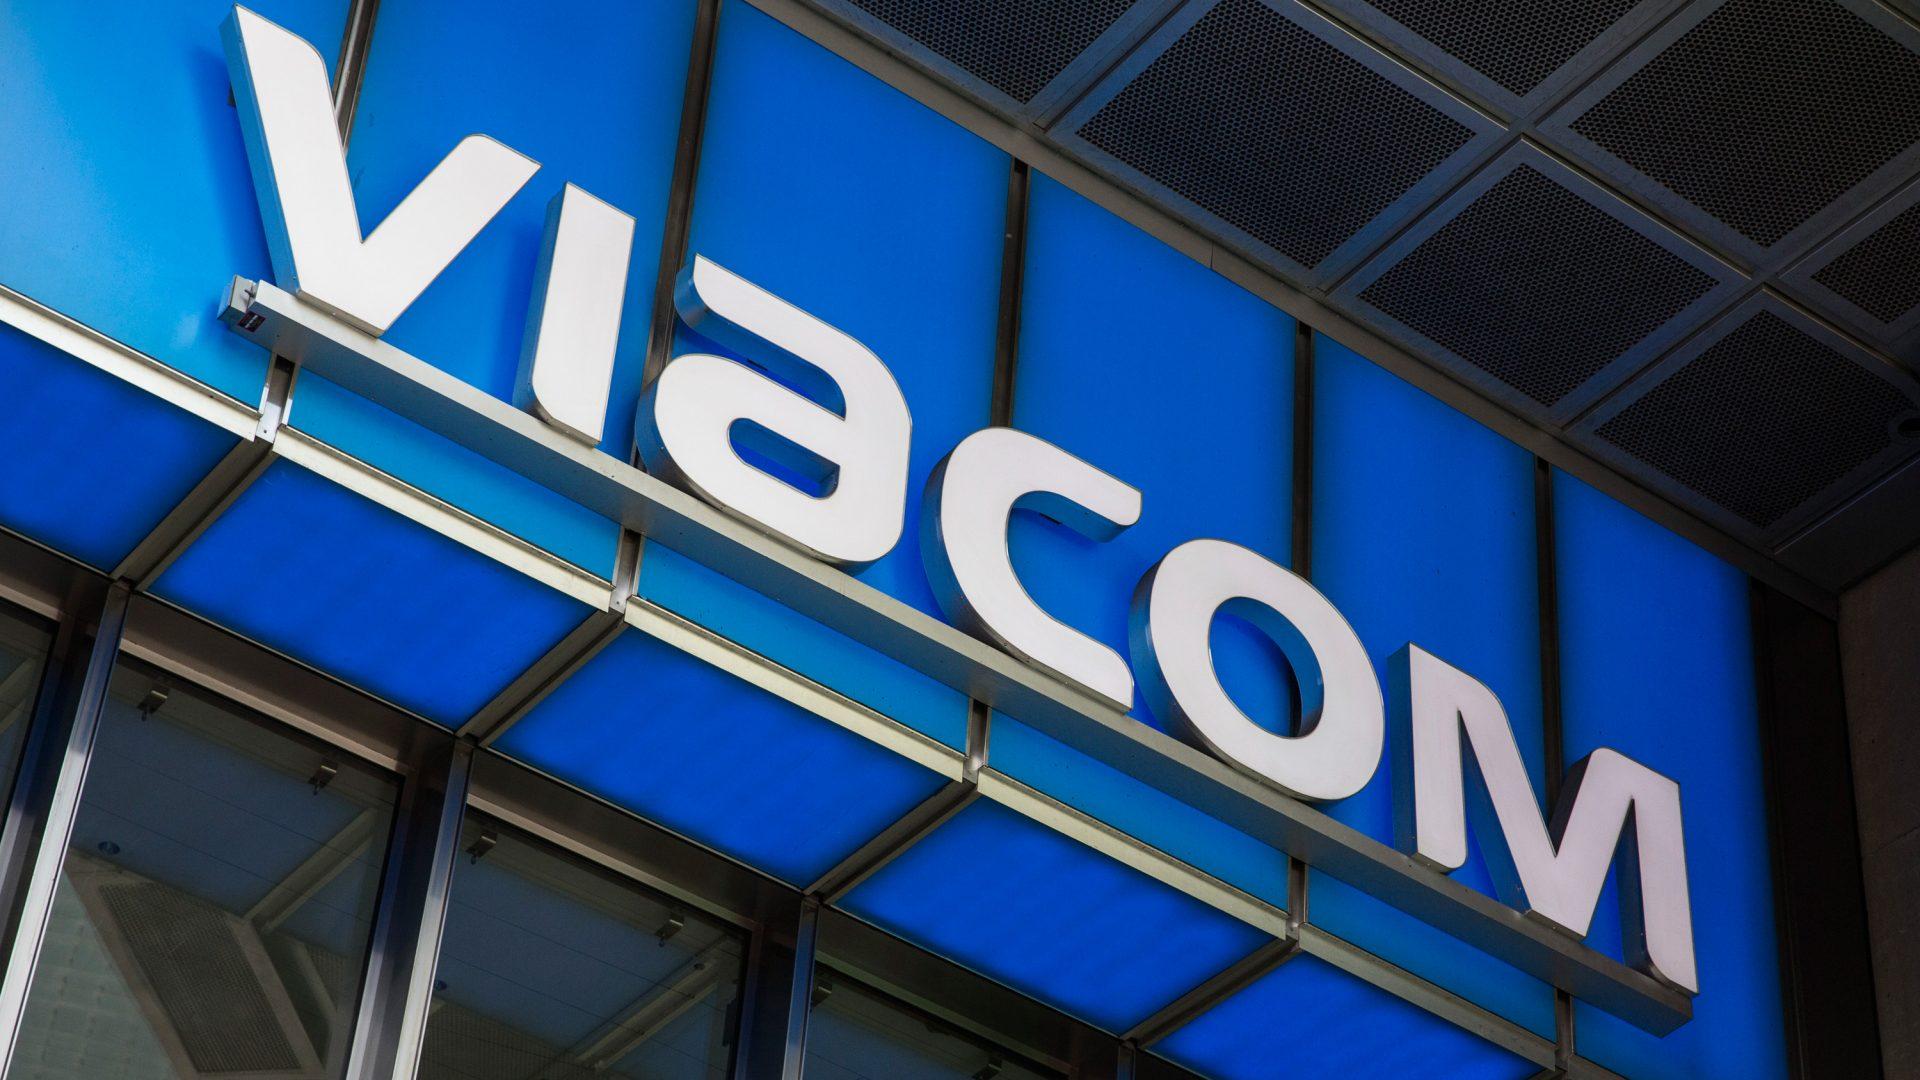 Viacom sign